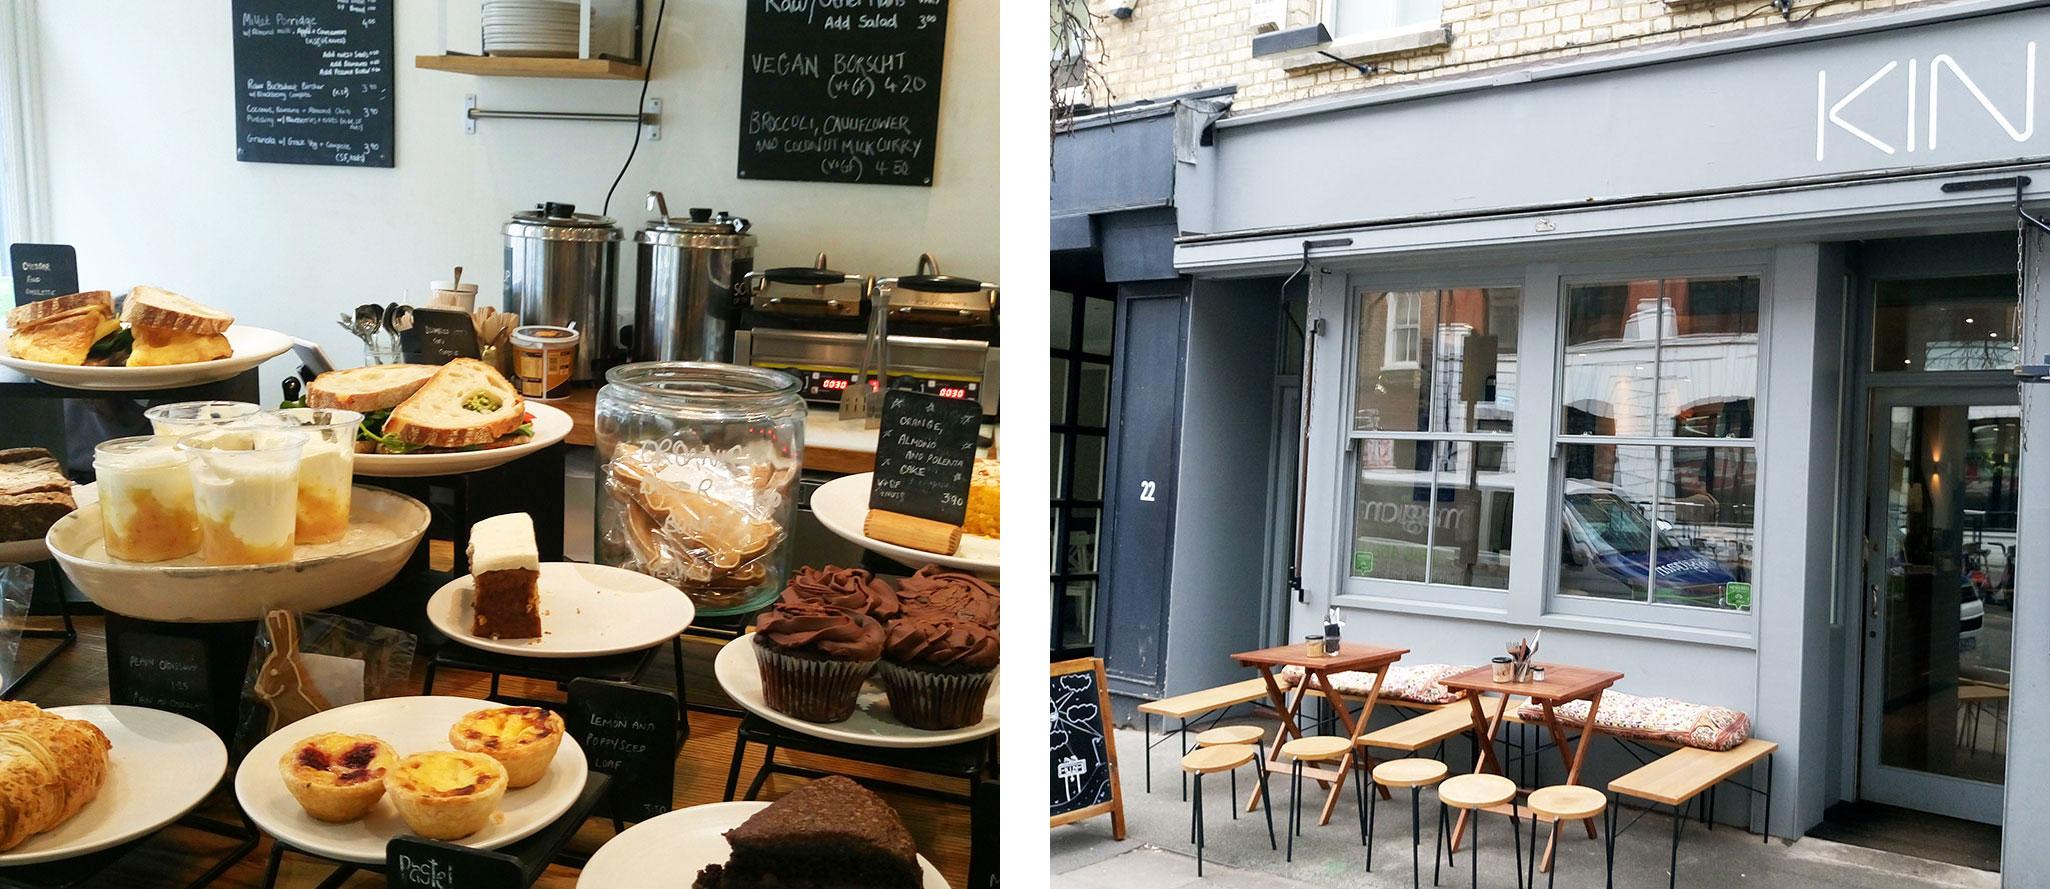 Vegan in London frühstücken bei Kin Cafe